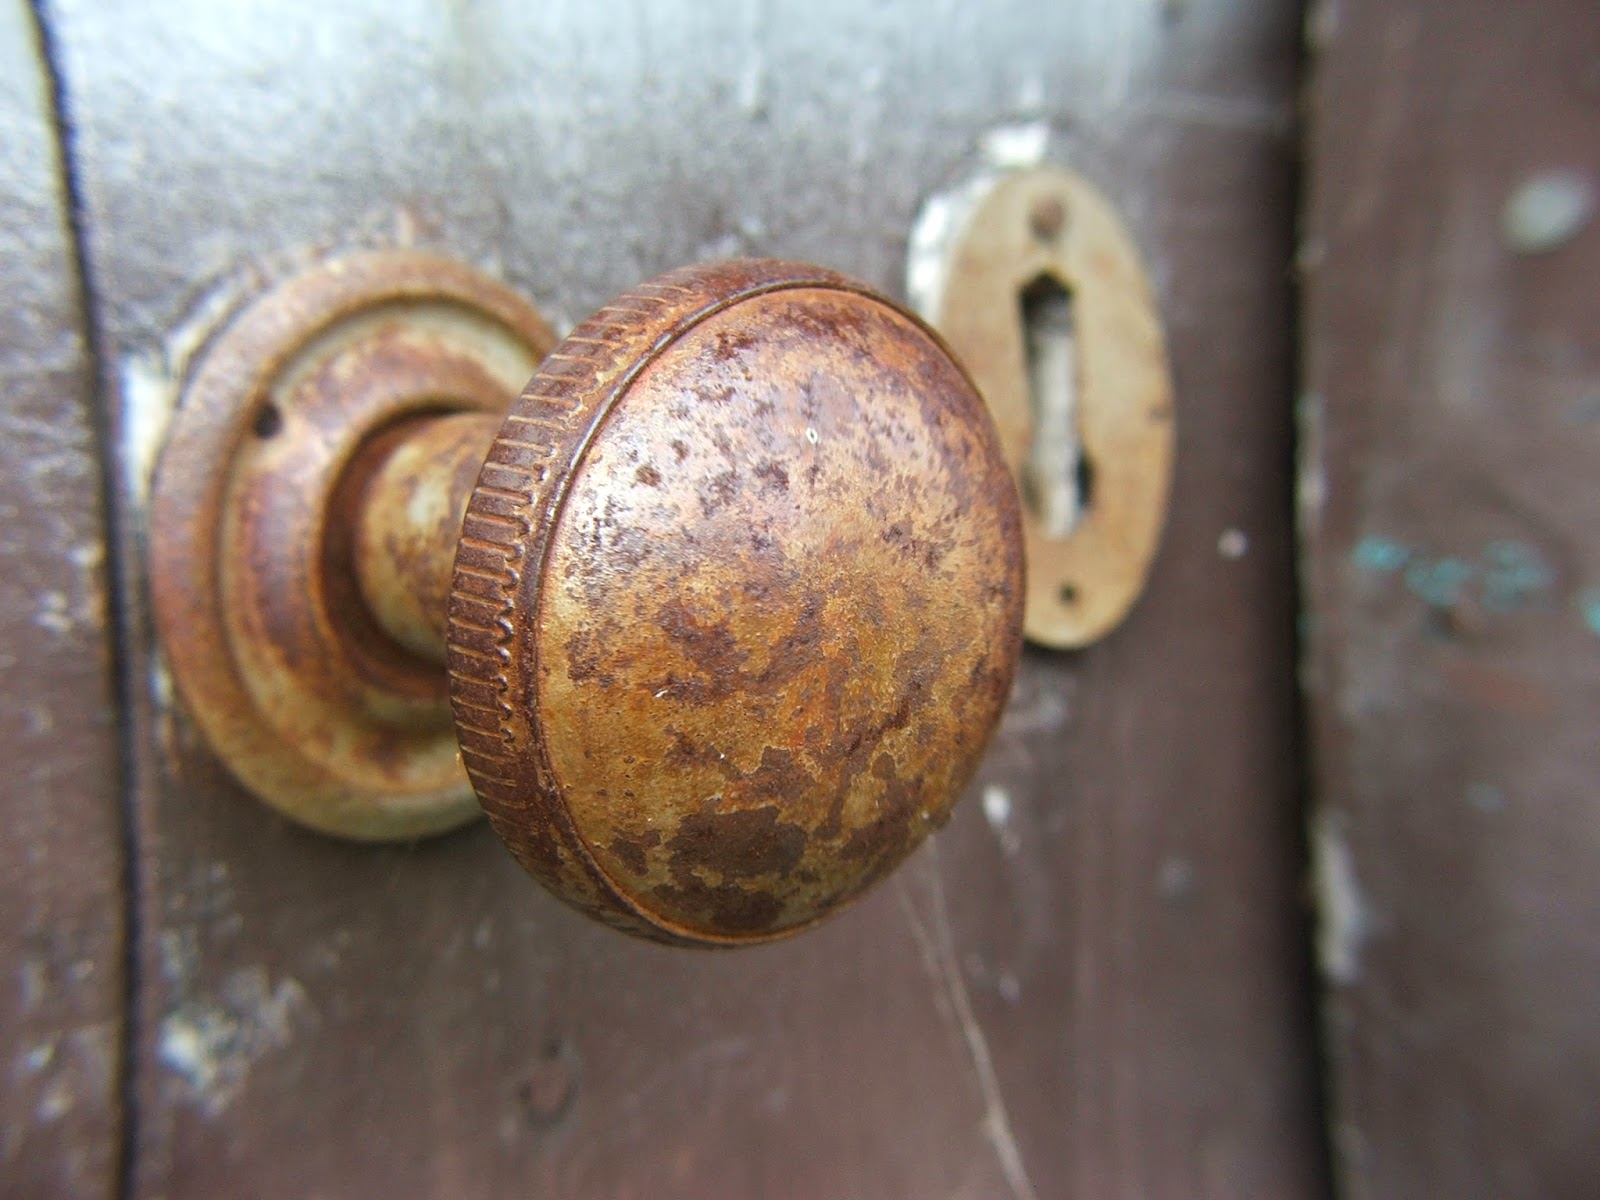 Pomo de una puerta que se debe limpiar